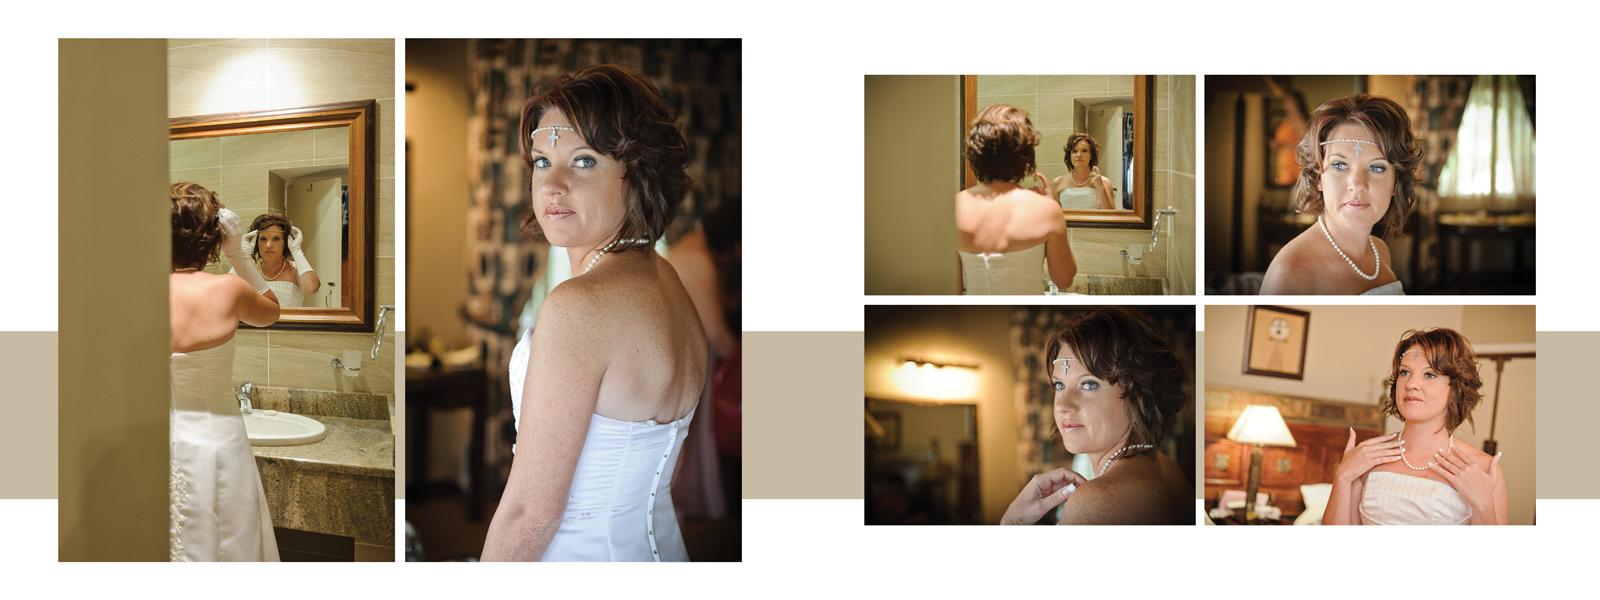 Nathalie Boucry Photography | Charlene and Craig Wedding Album 007